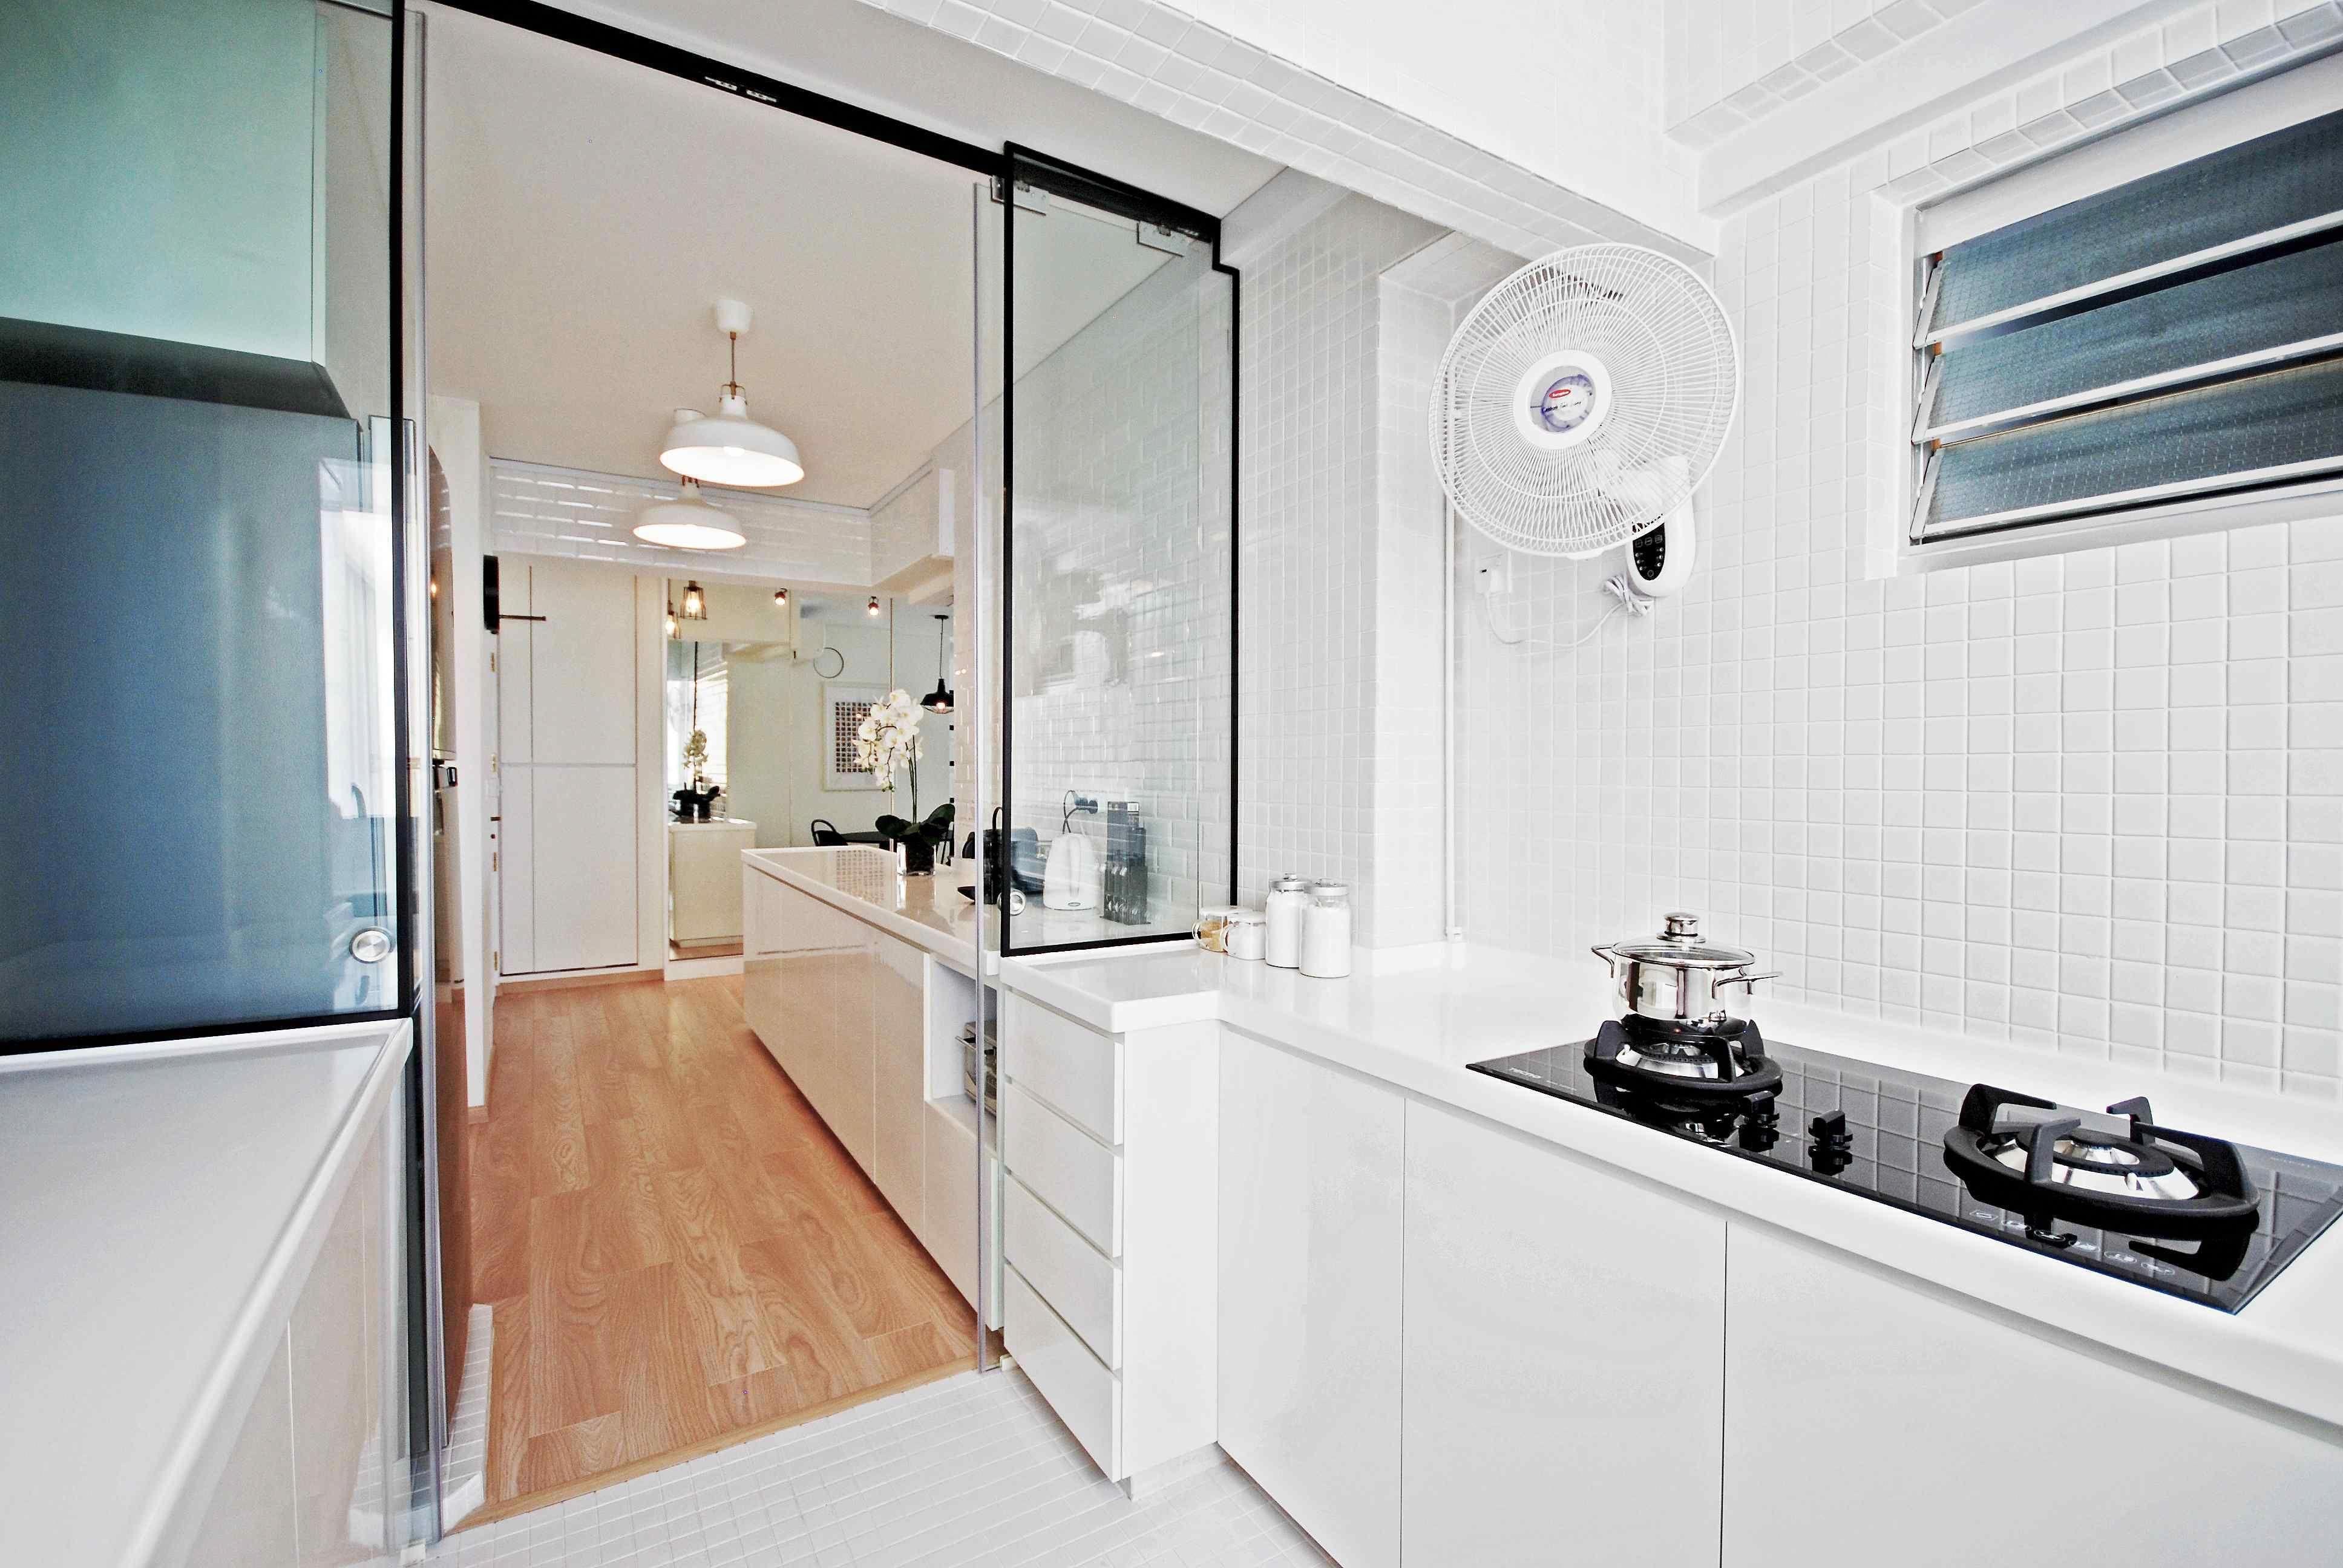 Wet Dry Kitchen Luxury Wet Dry Kitchen Dry Wet Kitchen For Residential Interior Design Renov Kitchen Design Small Kitchen Designs Layout Semi Open Kitchen